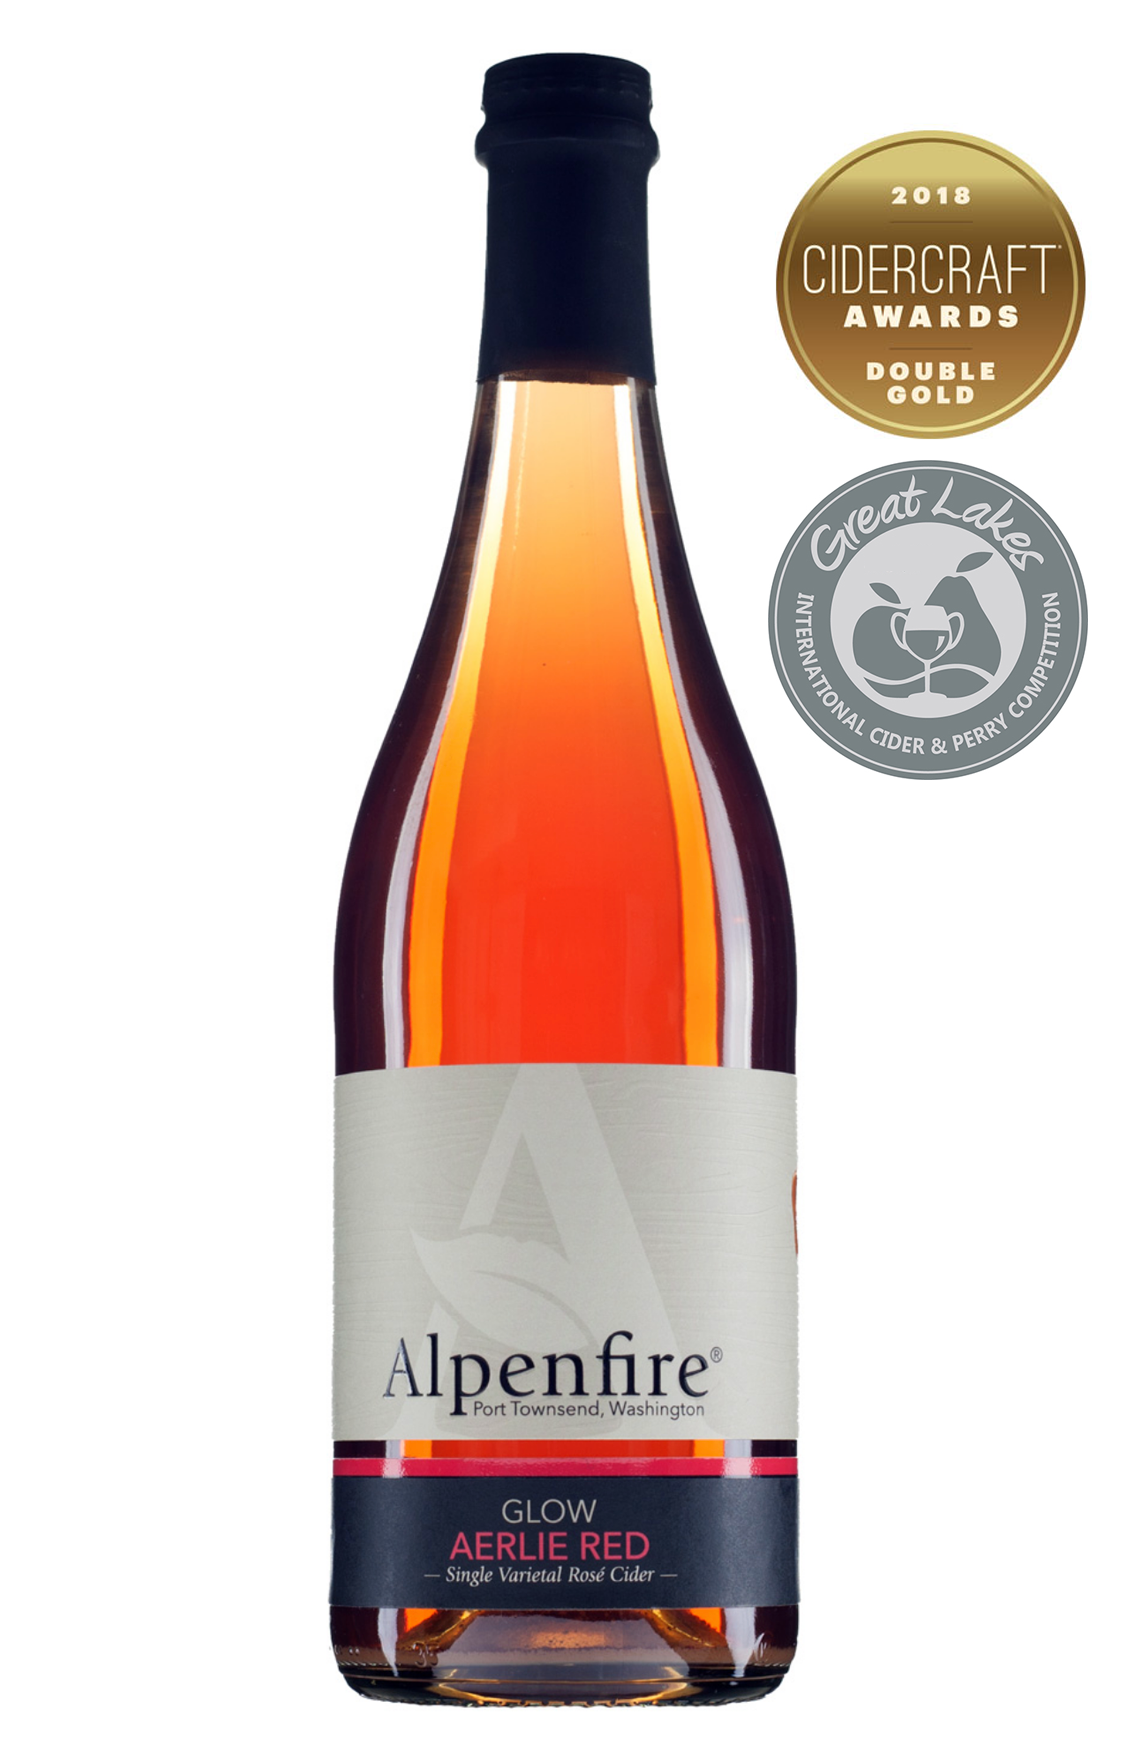 Alpenfire-AerlieRed-Glow-Cider-GLINTCAP-cidercraft-medal.png